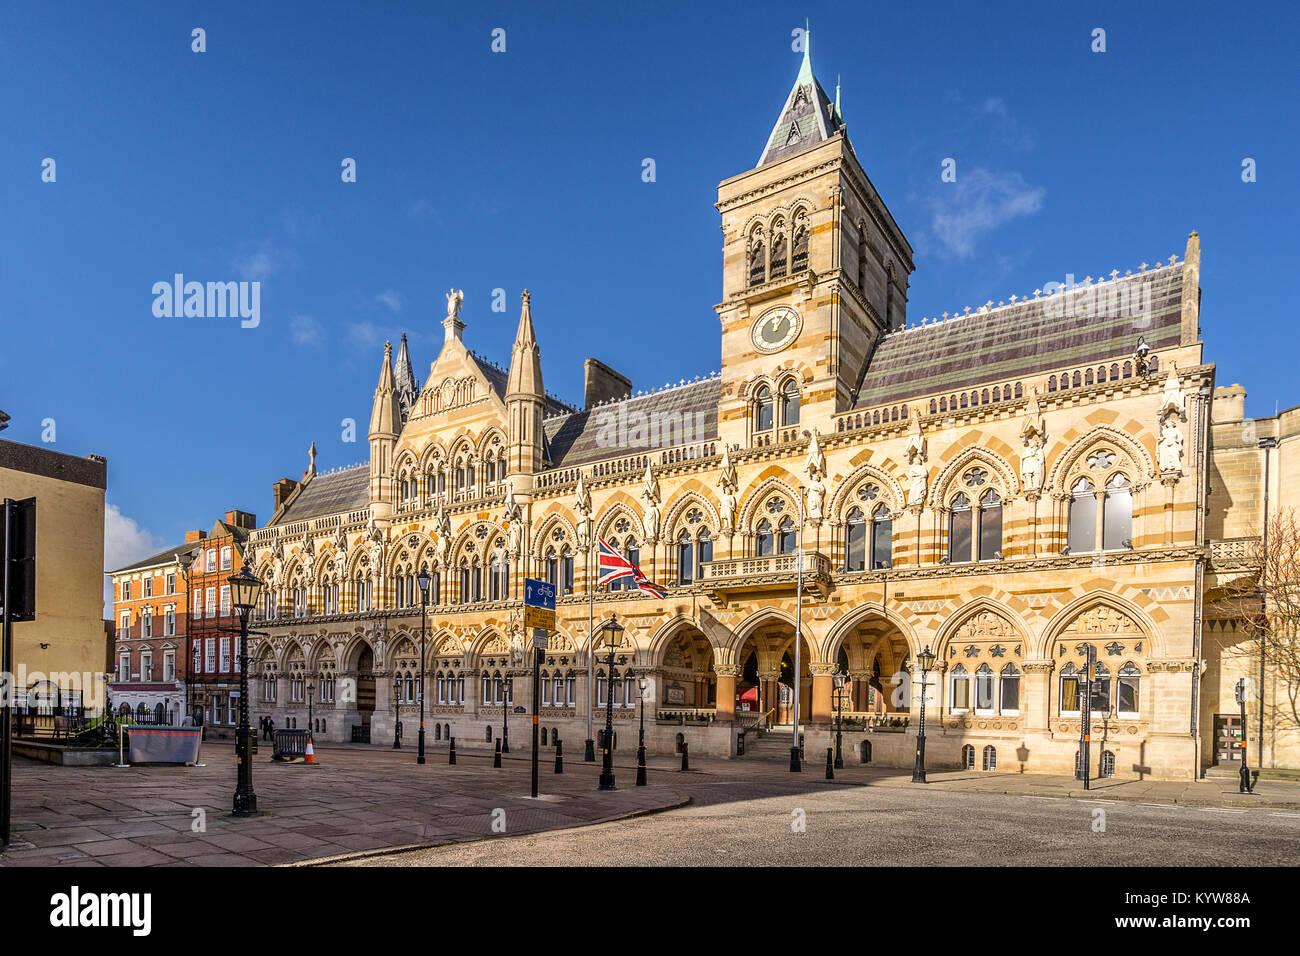 Northampton Guildhall - Stock Image